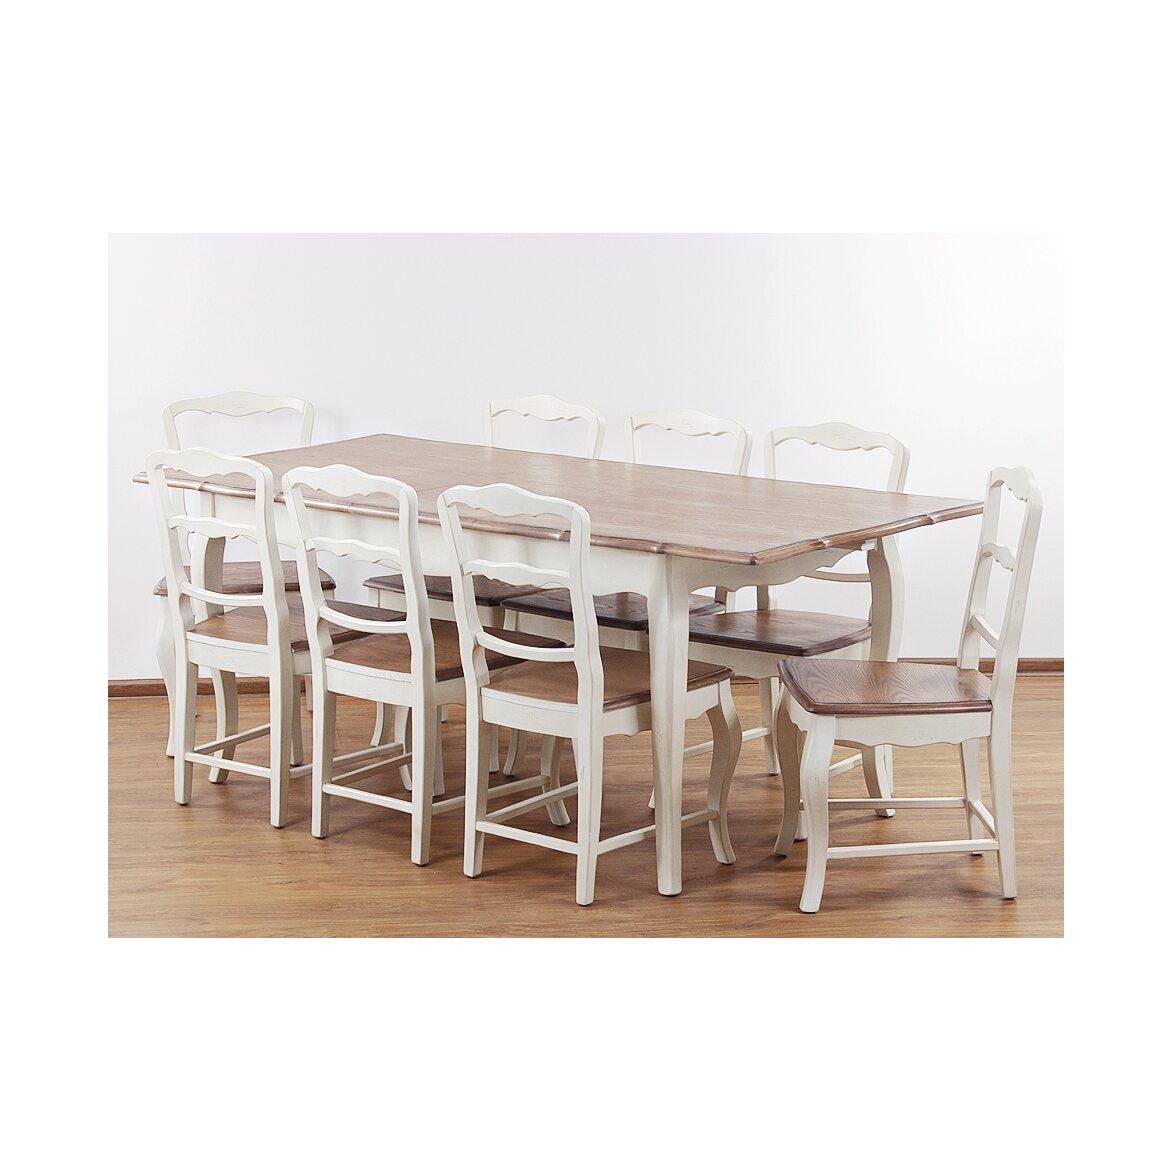 Обеденный стол раскладной Leontina, бежевого цвета 8   Обеденные столы Kingsby